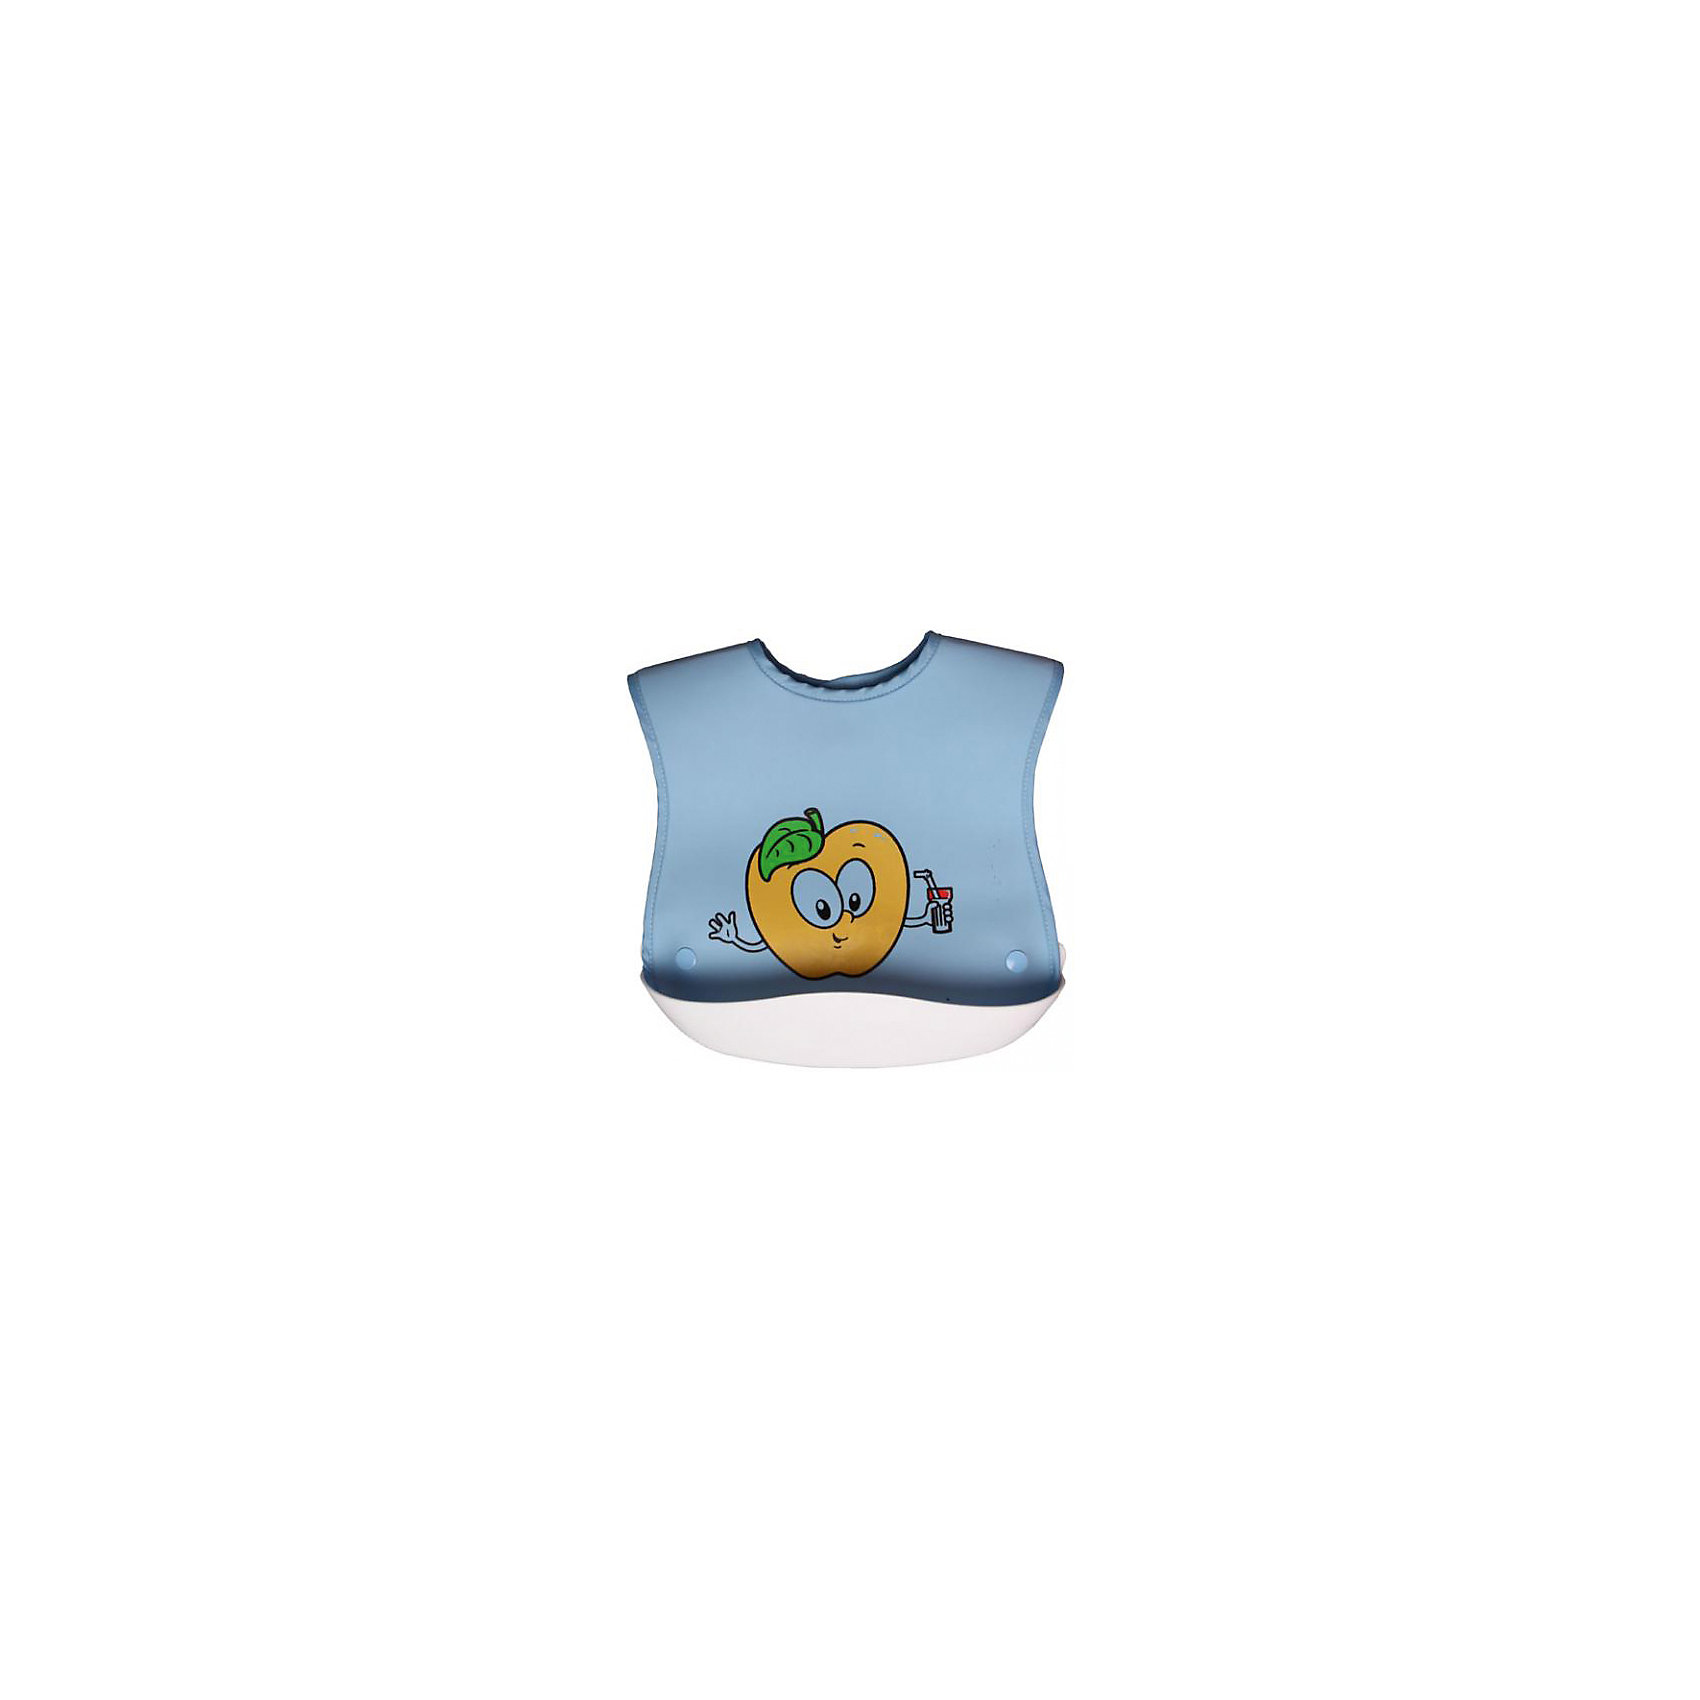 Нагрудник с кармашком прорезиненный Sevi baby, голубой